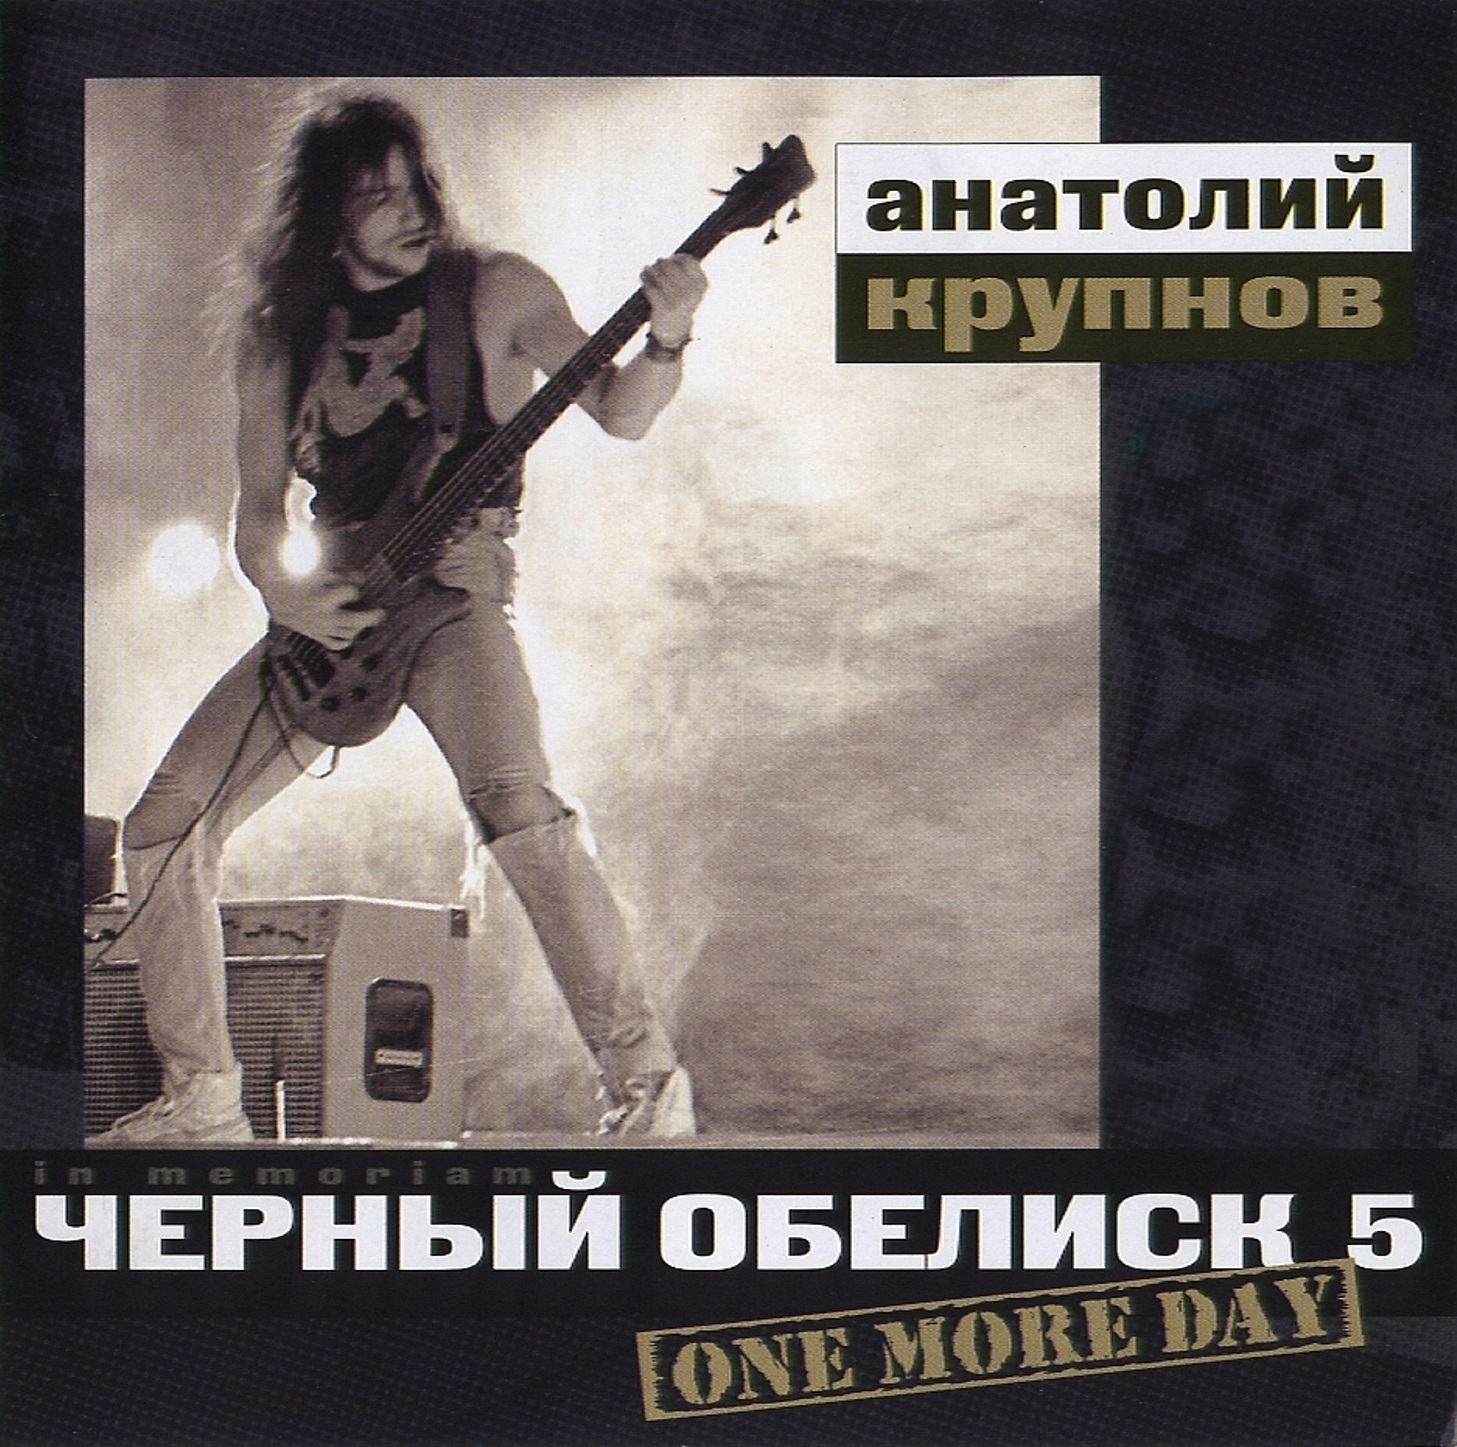 Черный Обелиск — One More Day (1991)